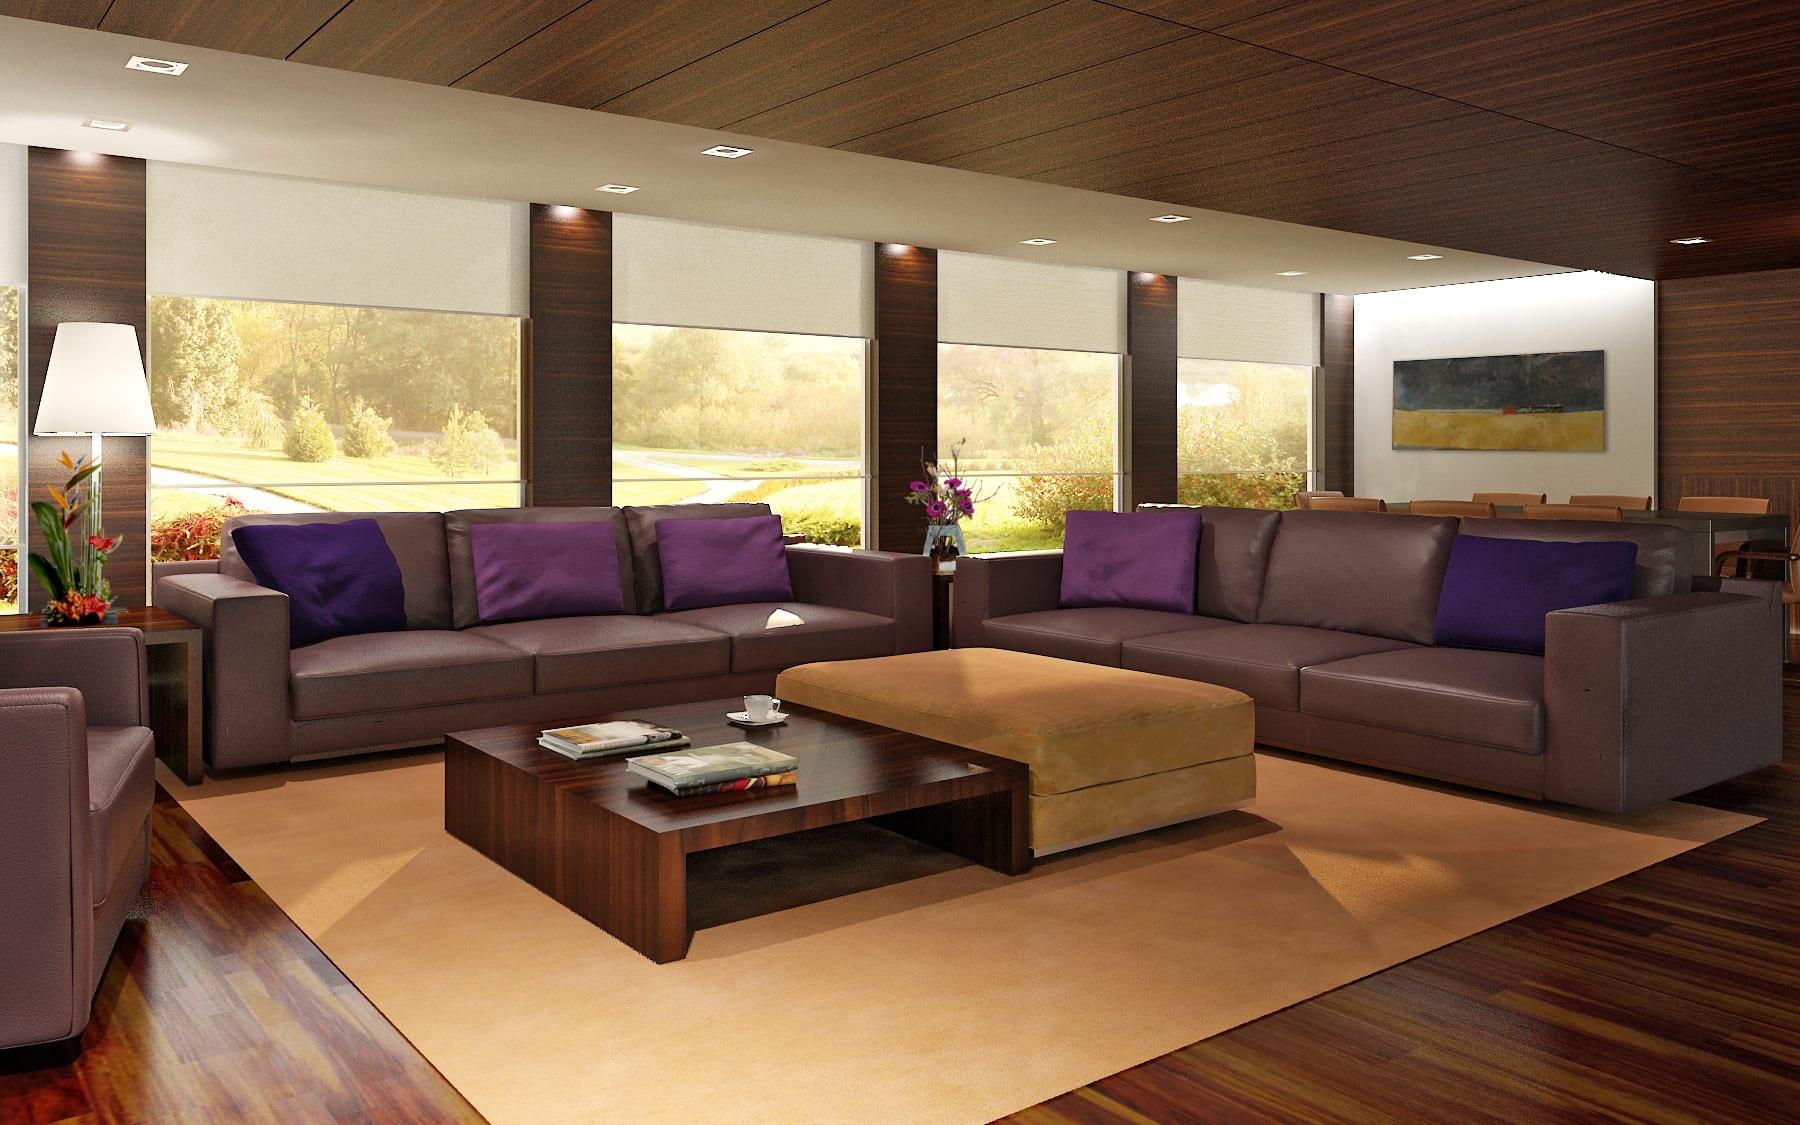 modernes wohnzimmer mit deck- und wandverkleidung holz- lila seats and sofas-panoramafenster mit weißen fensterrollos